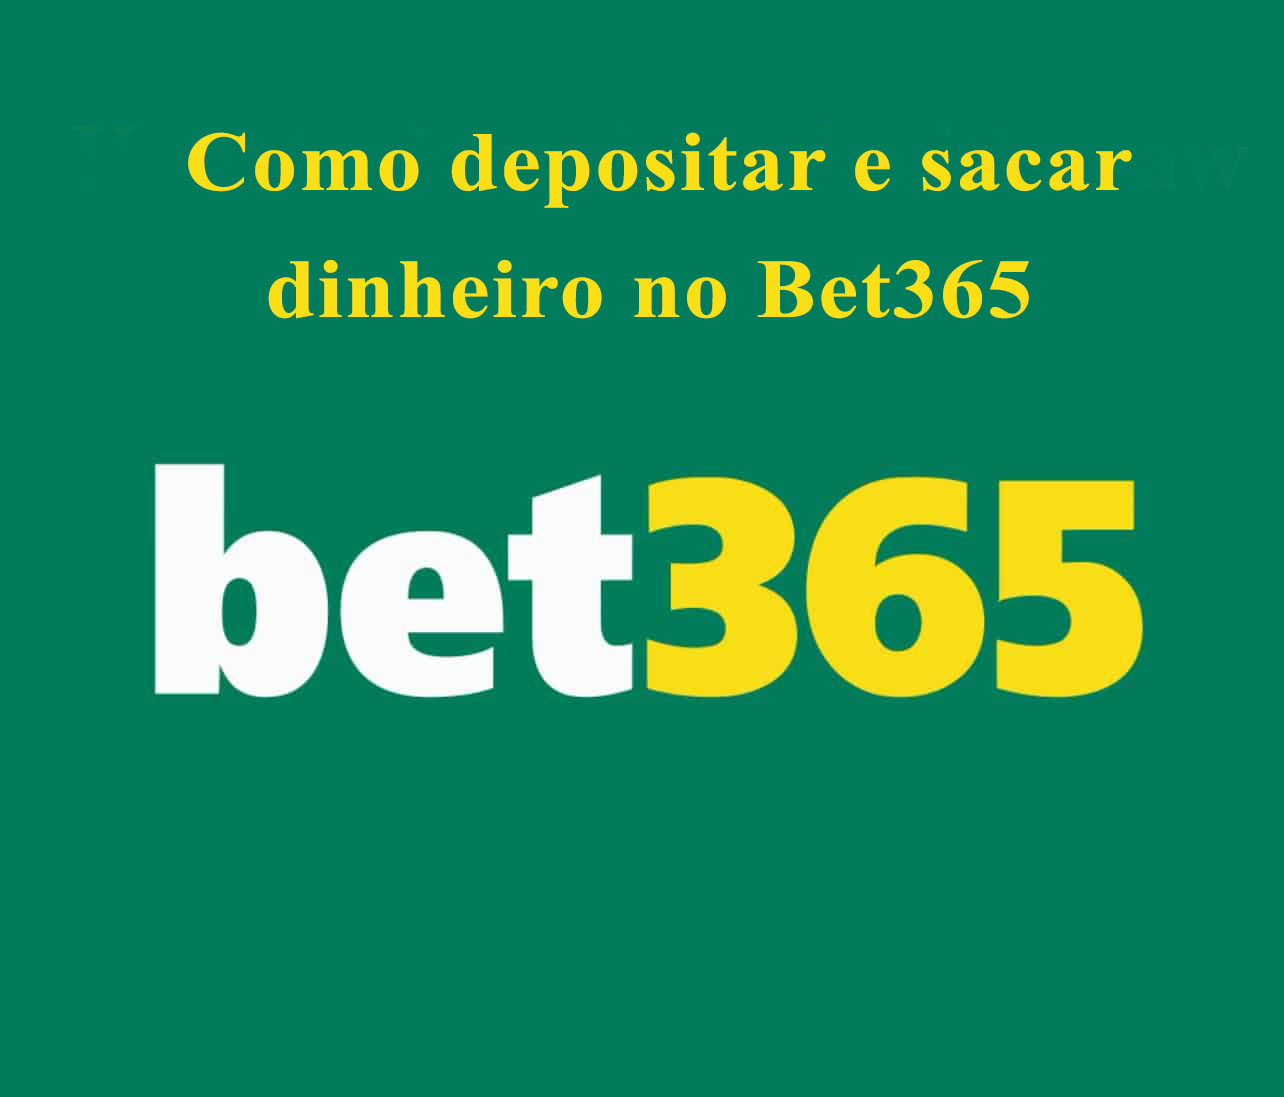 Bet365 depósito e saque